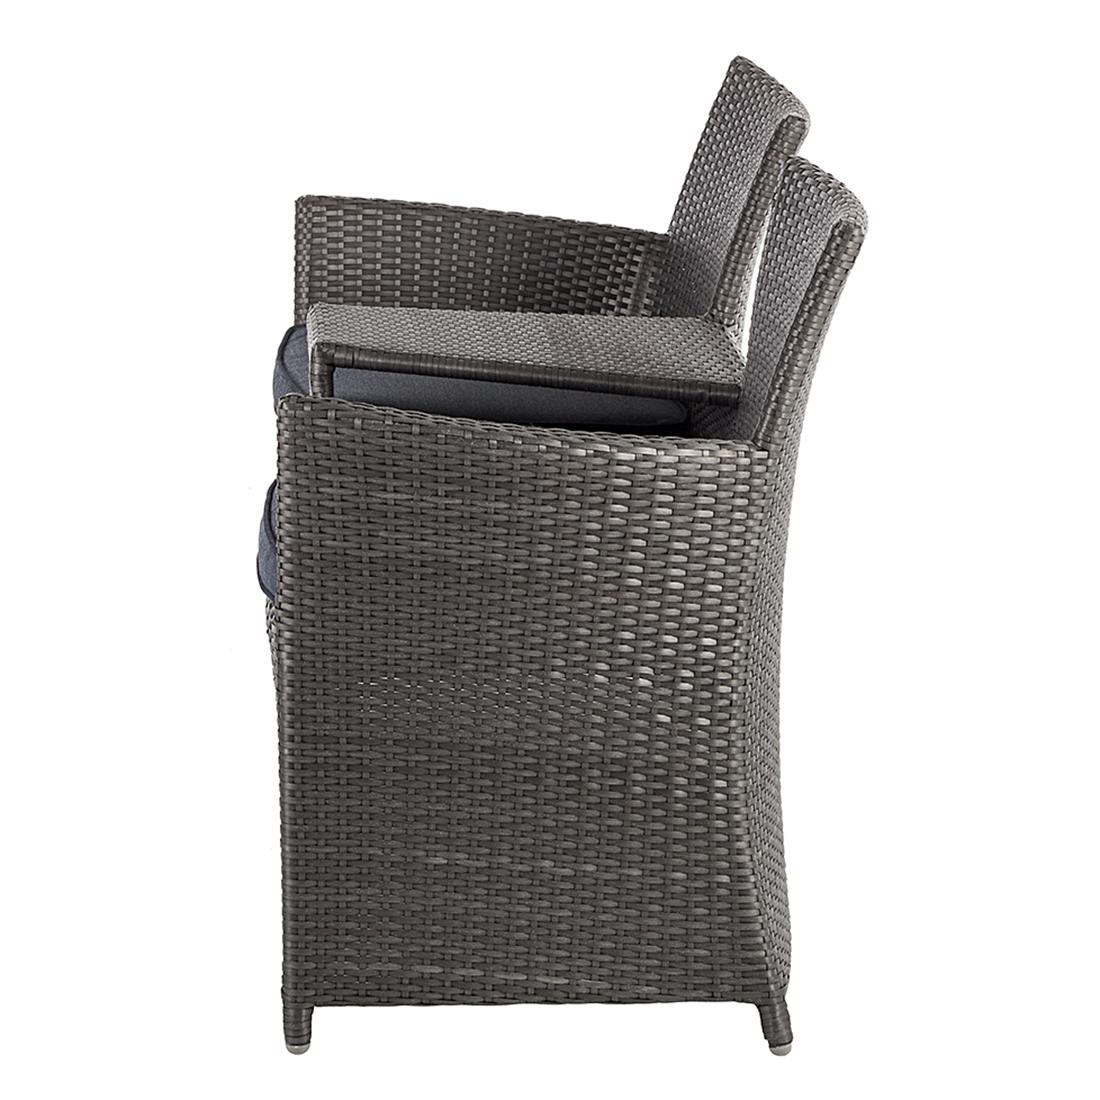 gartenbank rattan grau 162357 eine. Black Bedroom Furniture Sets. Home Design Ideas